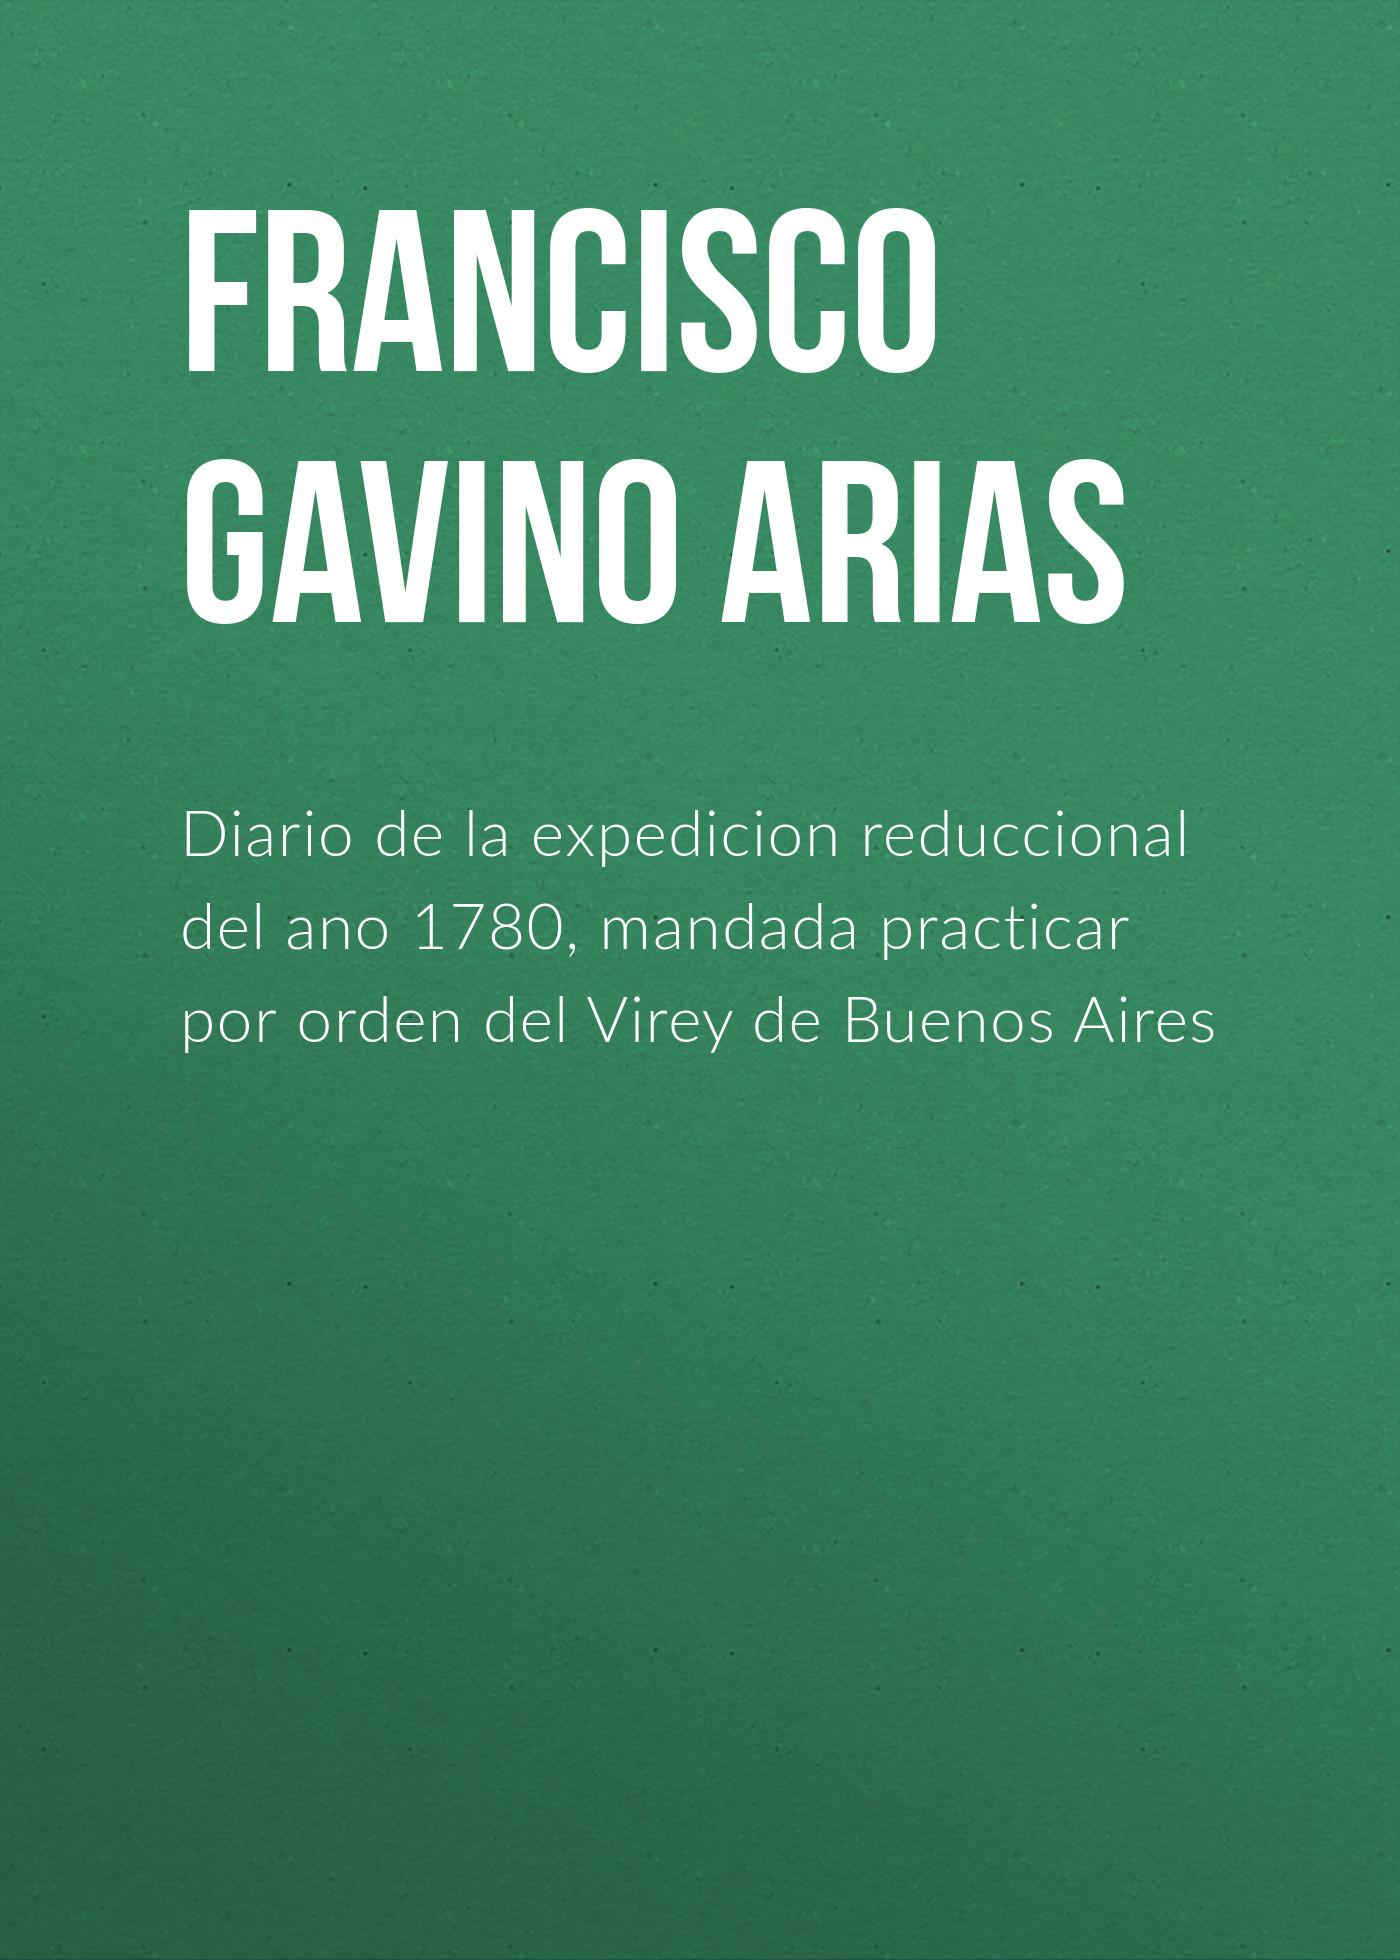 Francisco Gavino de Arias Diario de la expedicion reduccional del ano 1780, mandada practicar por orden del Virey de Buenos Aires la magia del orden